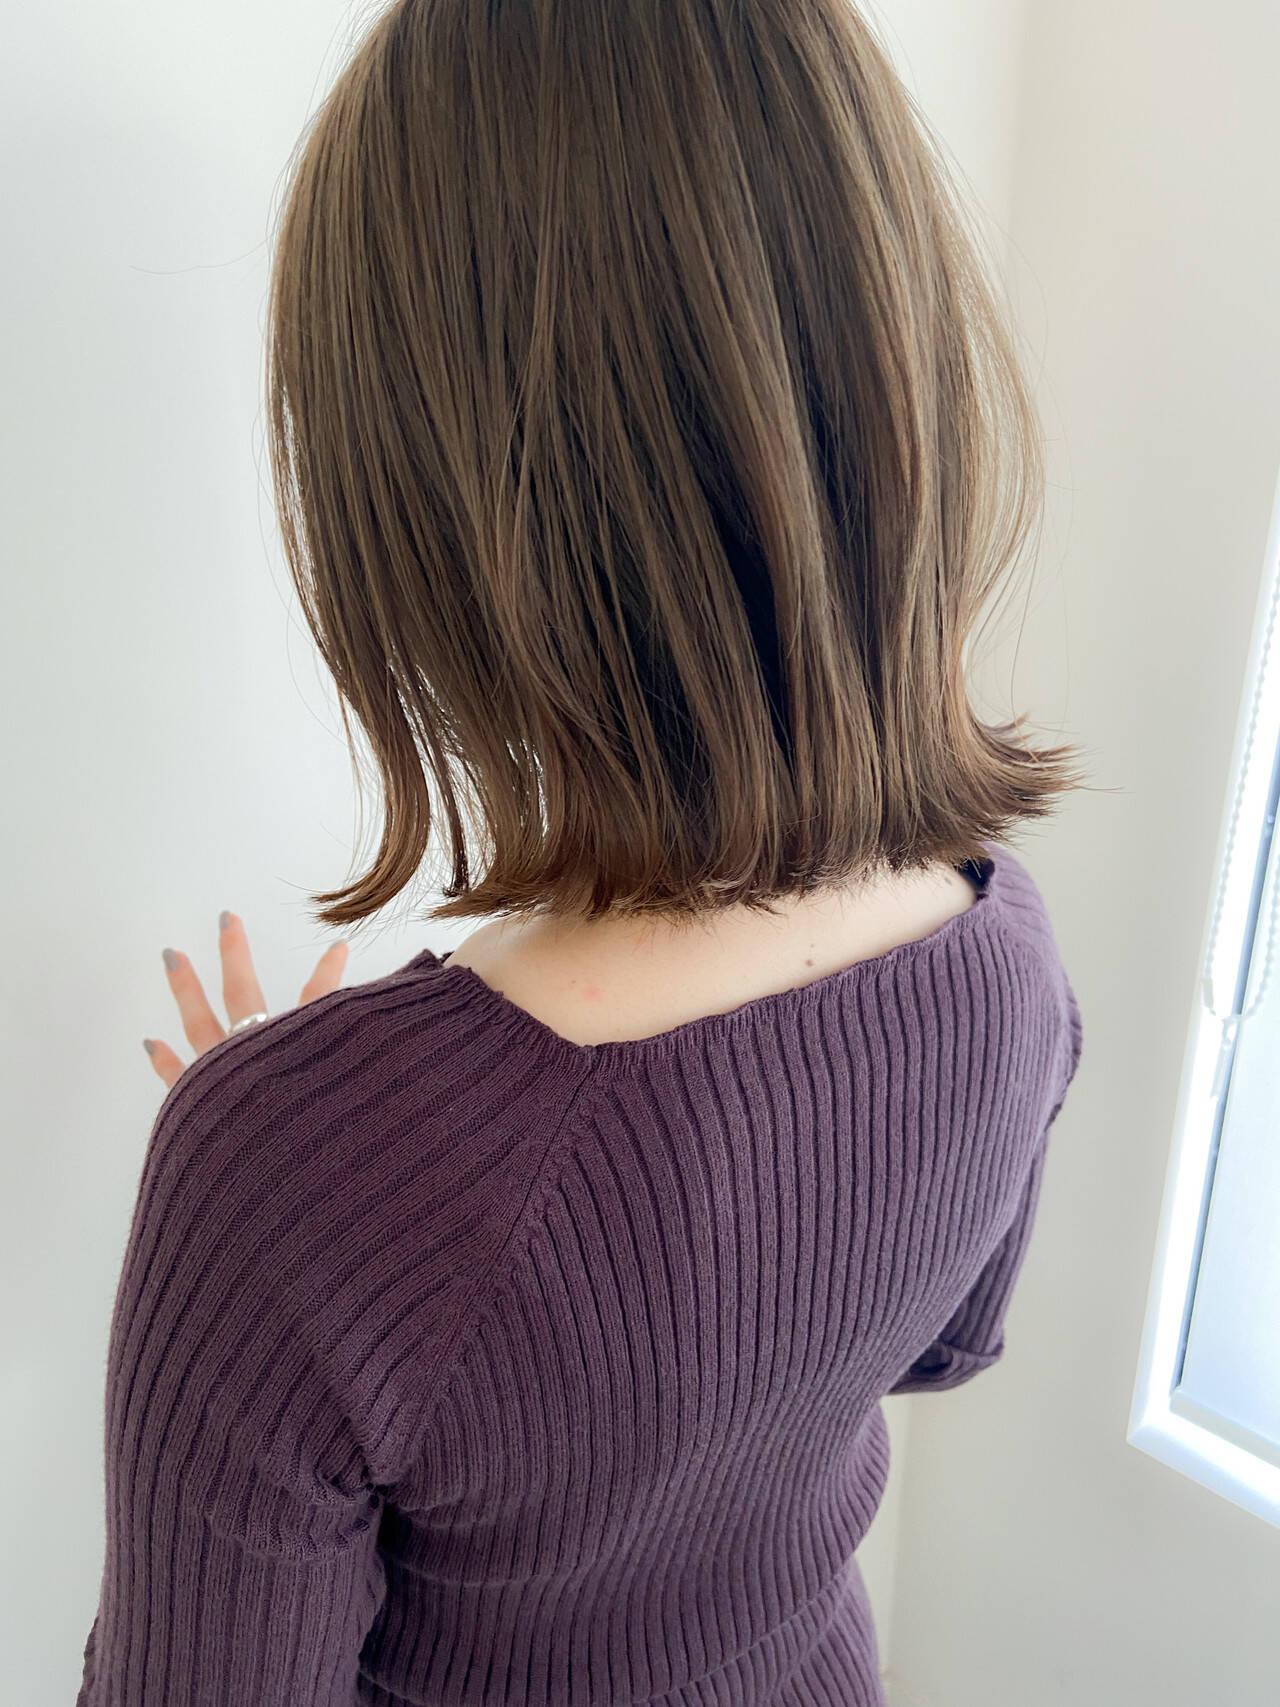 アンニュイほつれヘア ナチュラル アッシュグレージュ ボブヘアスタイルや髪型の写真・画像